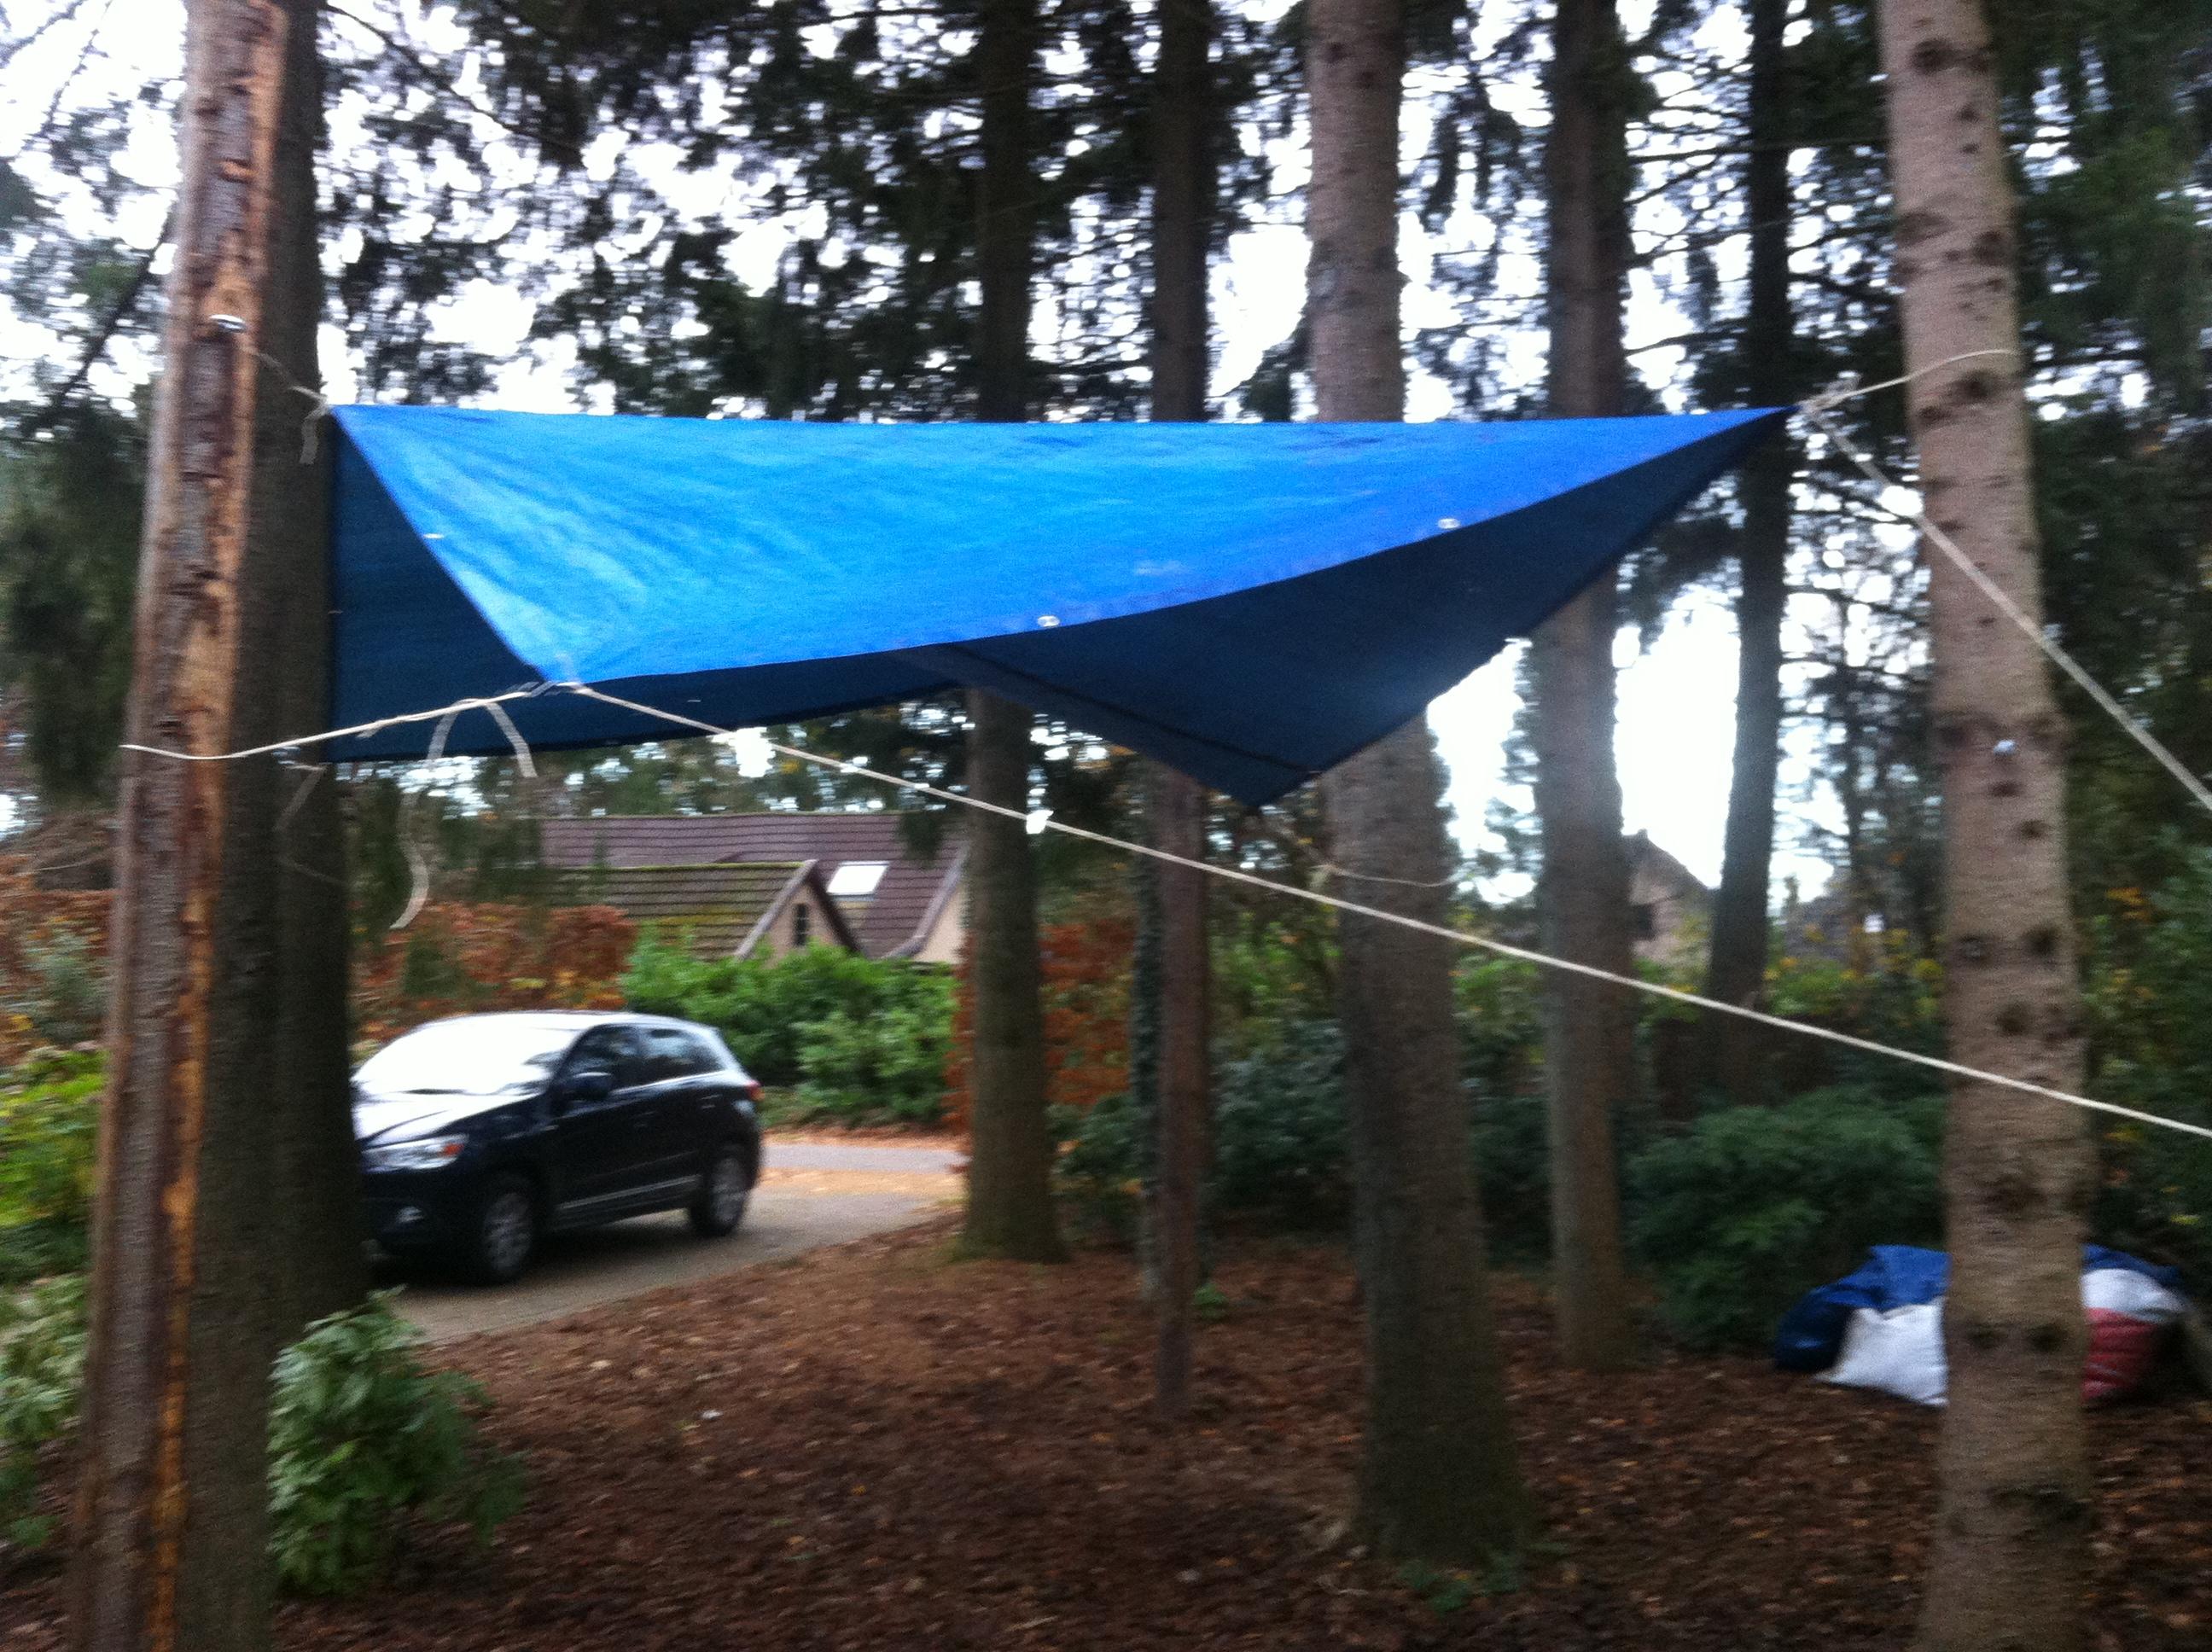 Meting tarp (3)